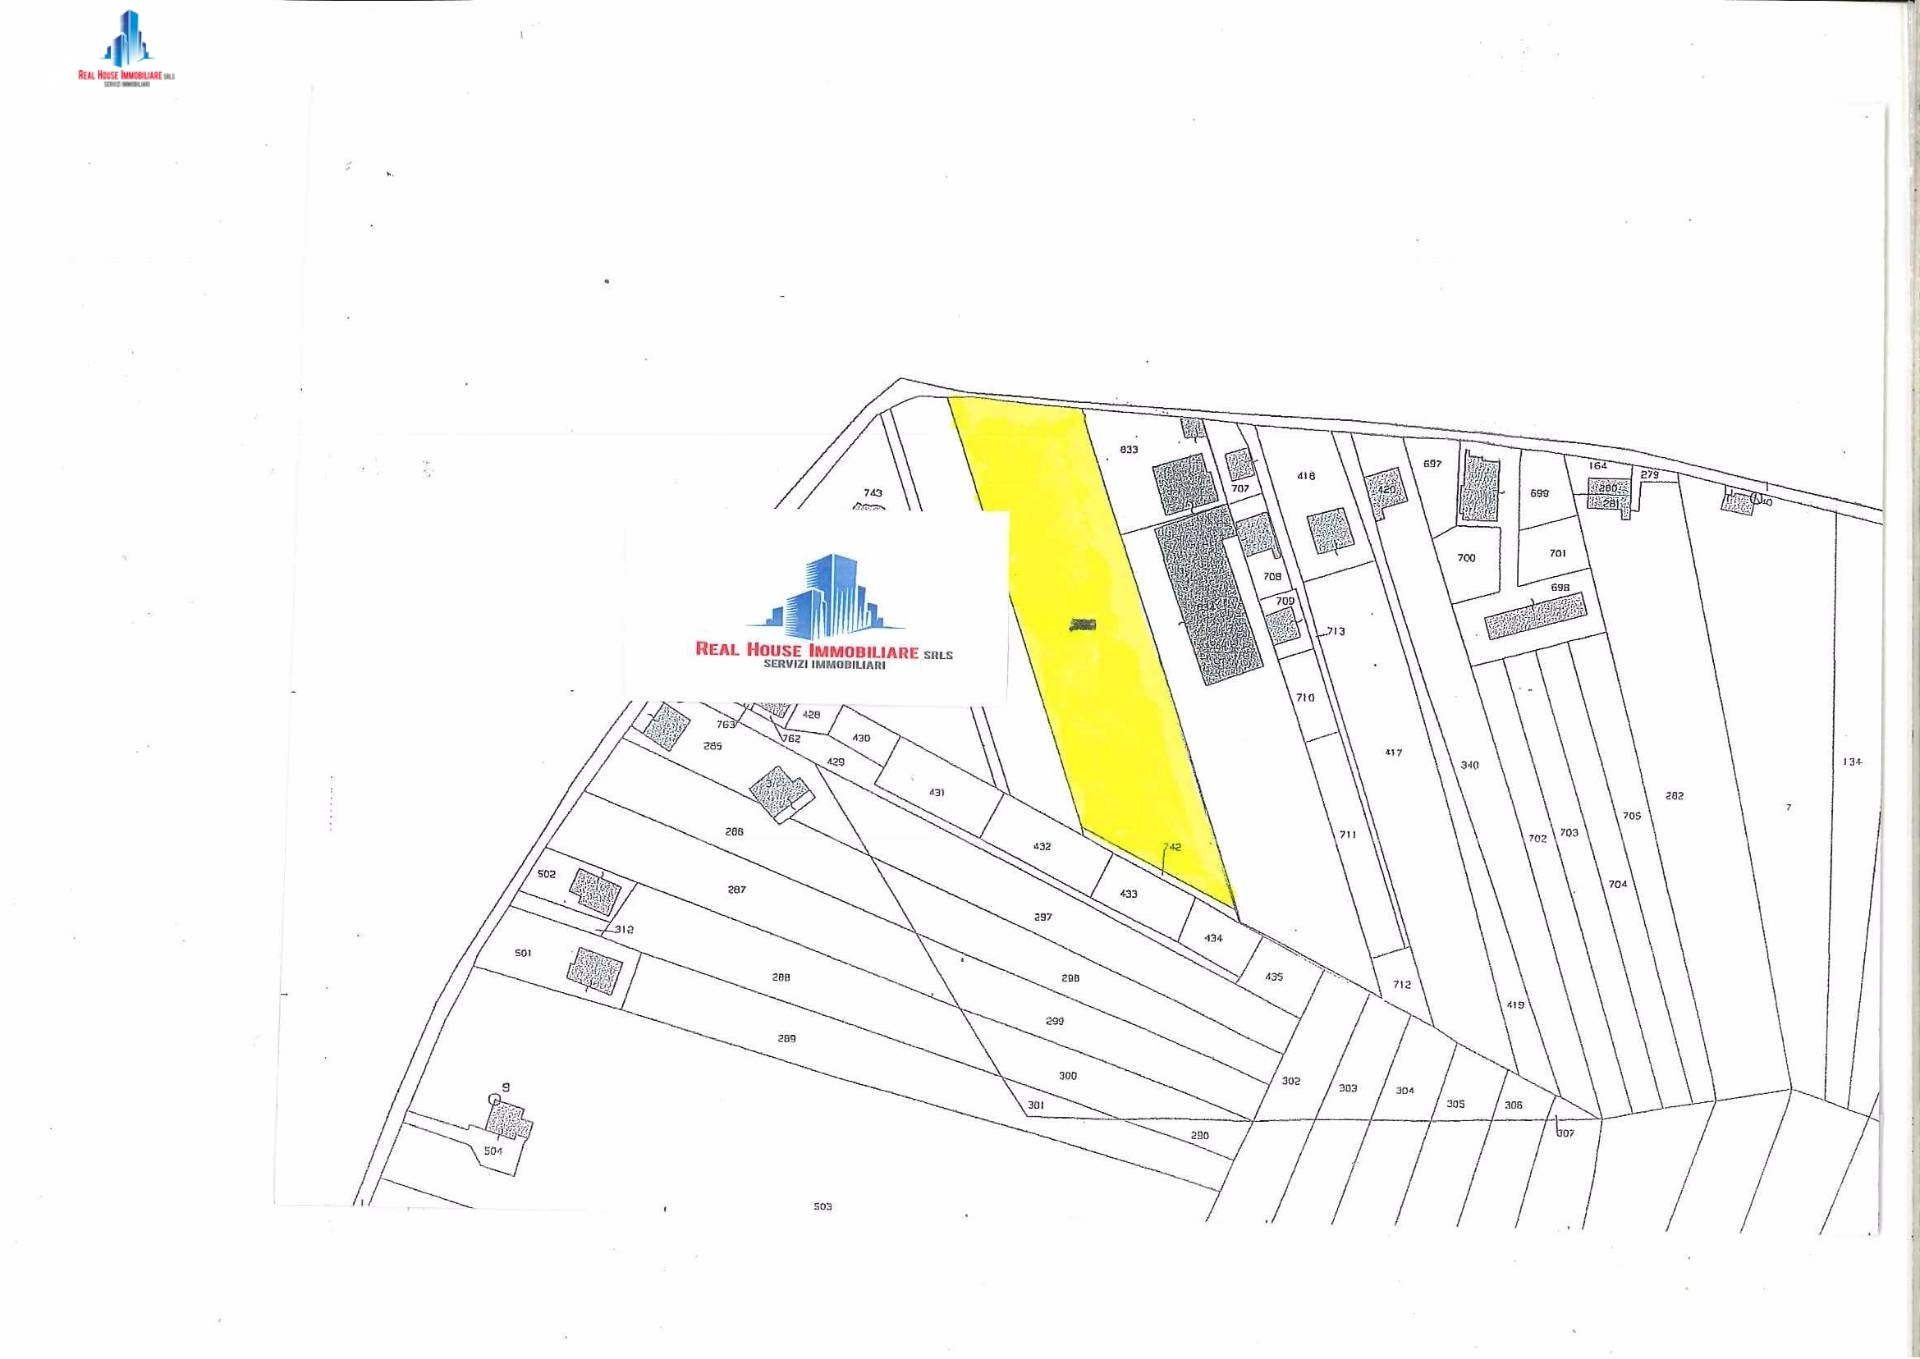 Terreno Agricolo in vendita a Vallata, 9999 locali, zona Località: contradamaggiano, prezzo € 70.000 | CambioCasa.it